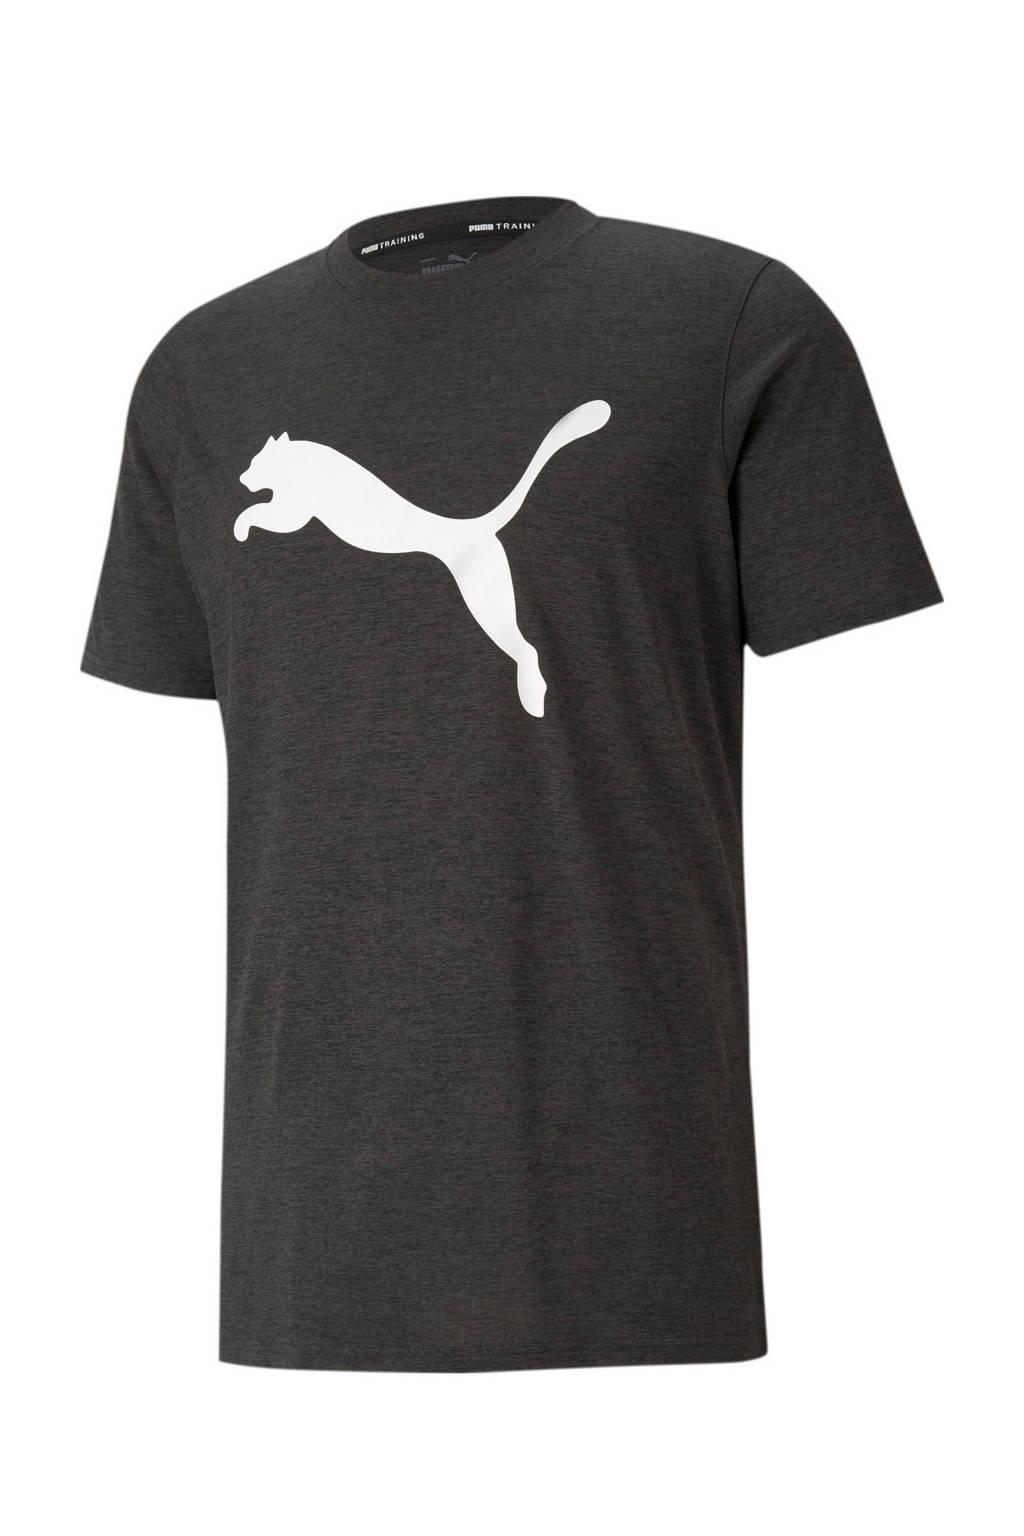 Puma   sport T-shirt donkergrijs, Antraciet